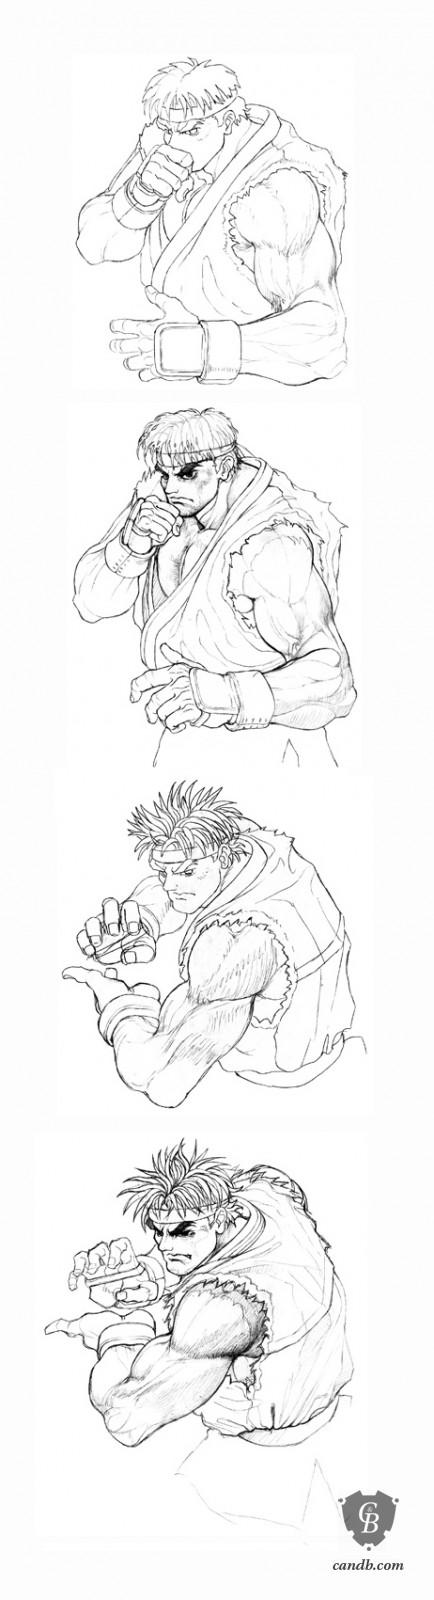 Artwork Hadouken Capcom